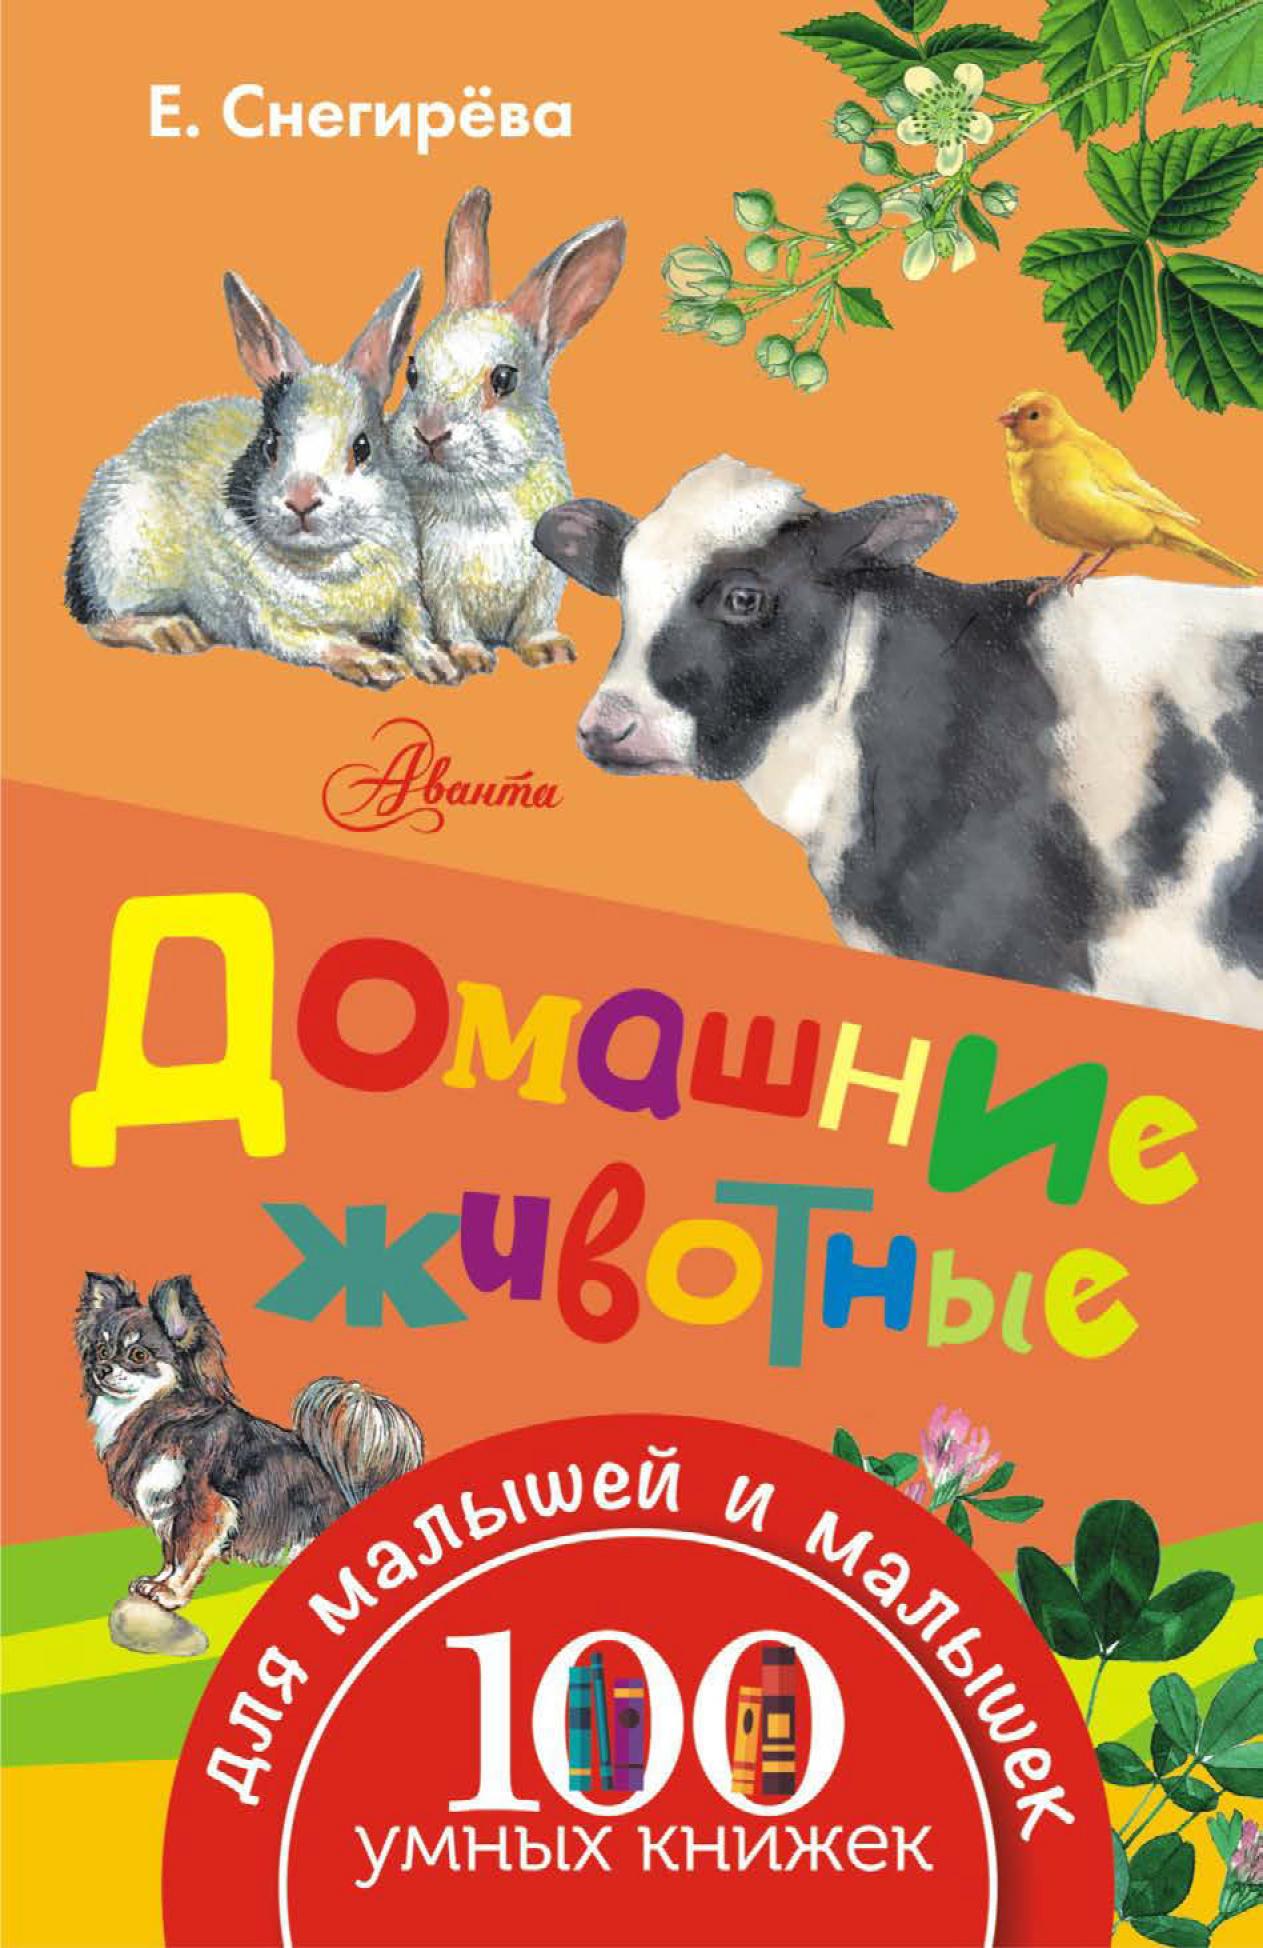 Е. Ю. Снегирева Домашние животные е ю снегирёва домашние животные 60 домашних животных самых важных для человека